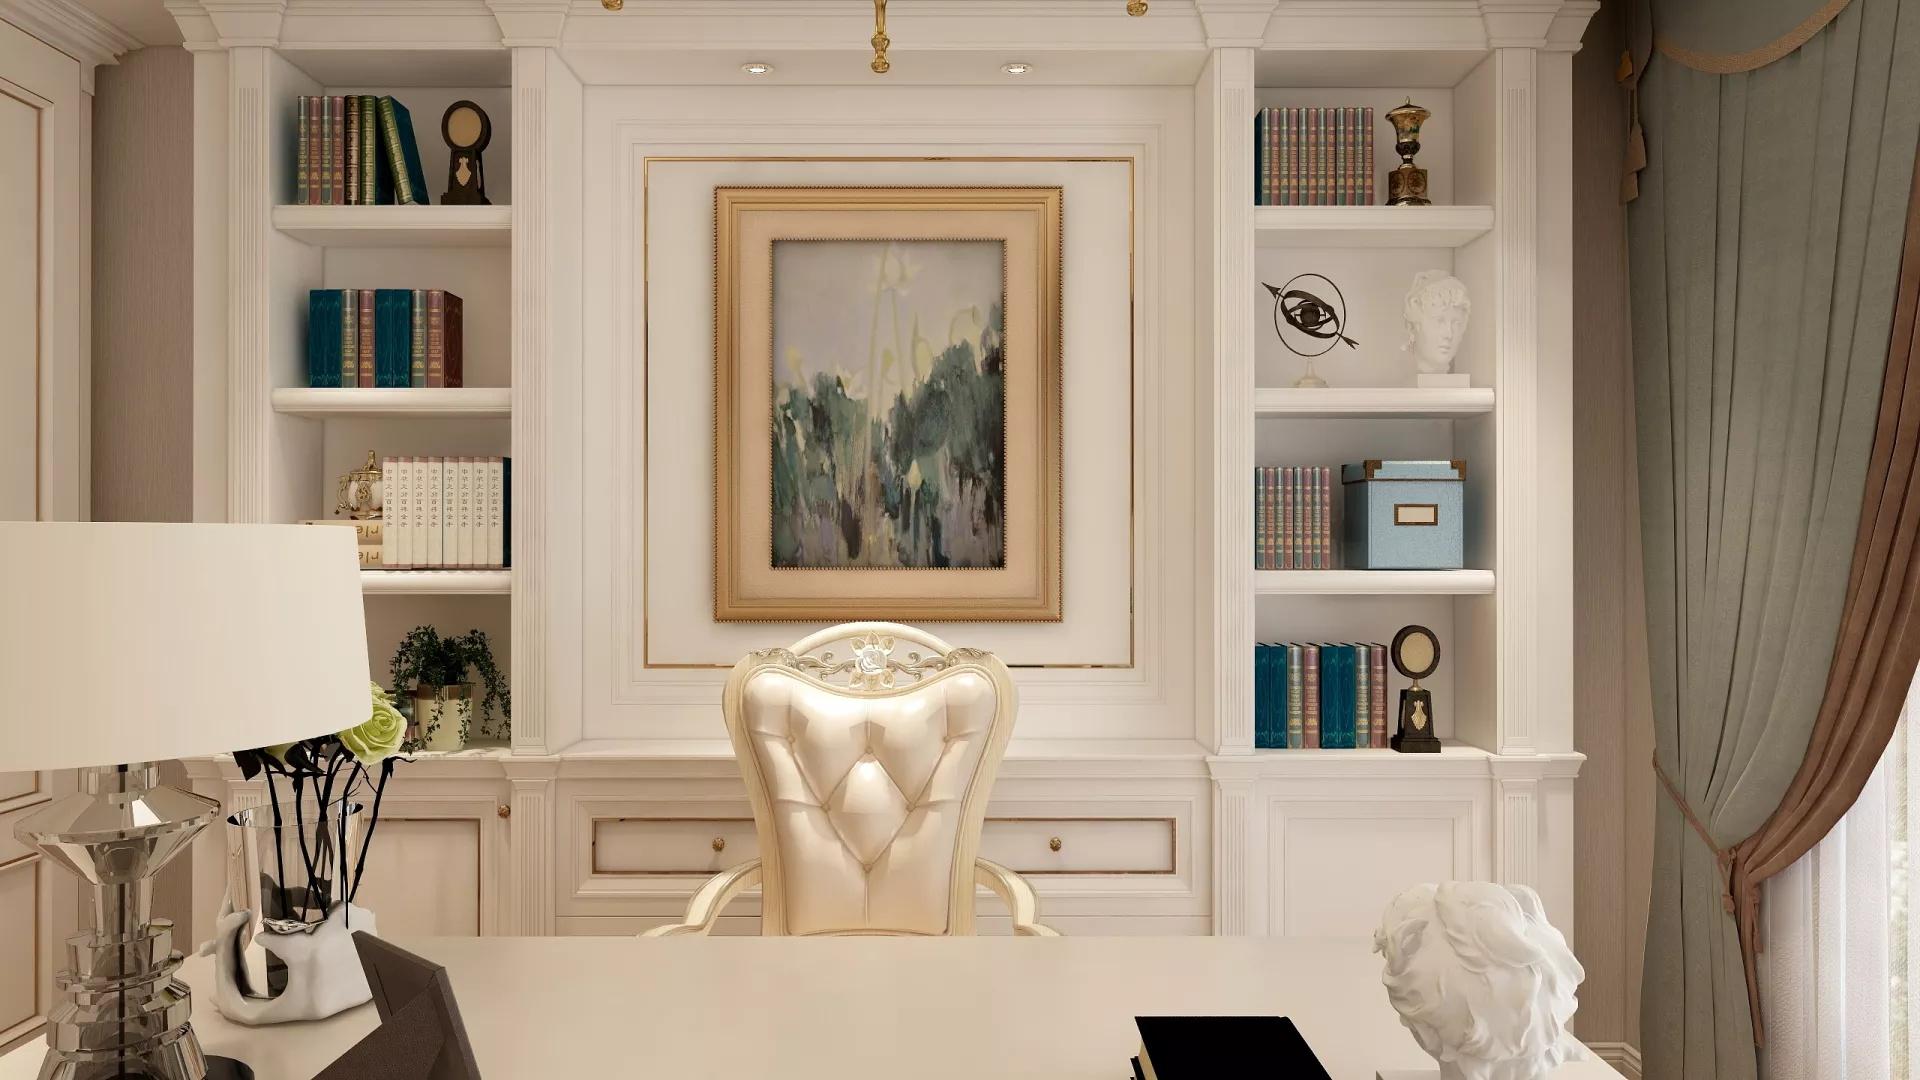 客廳貼墻磚好看嗎 客廳貼墻磚好不好